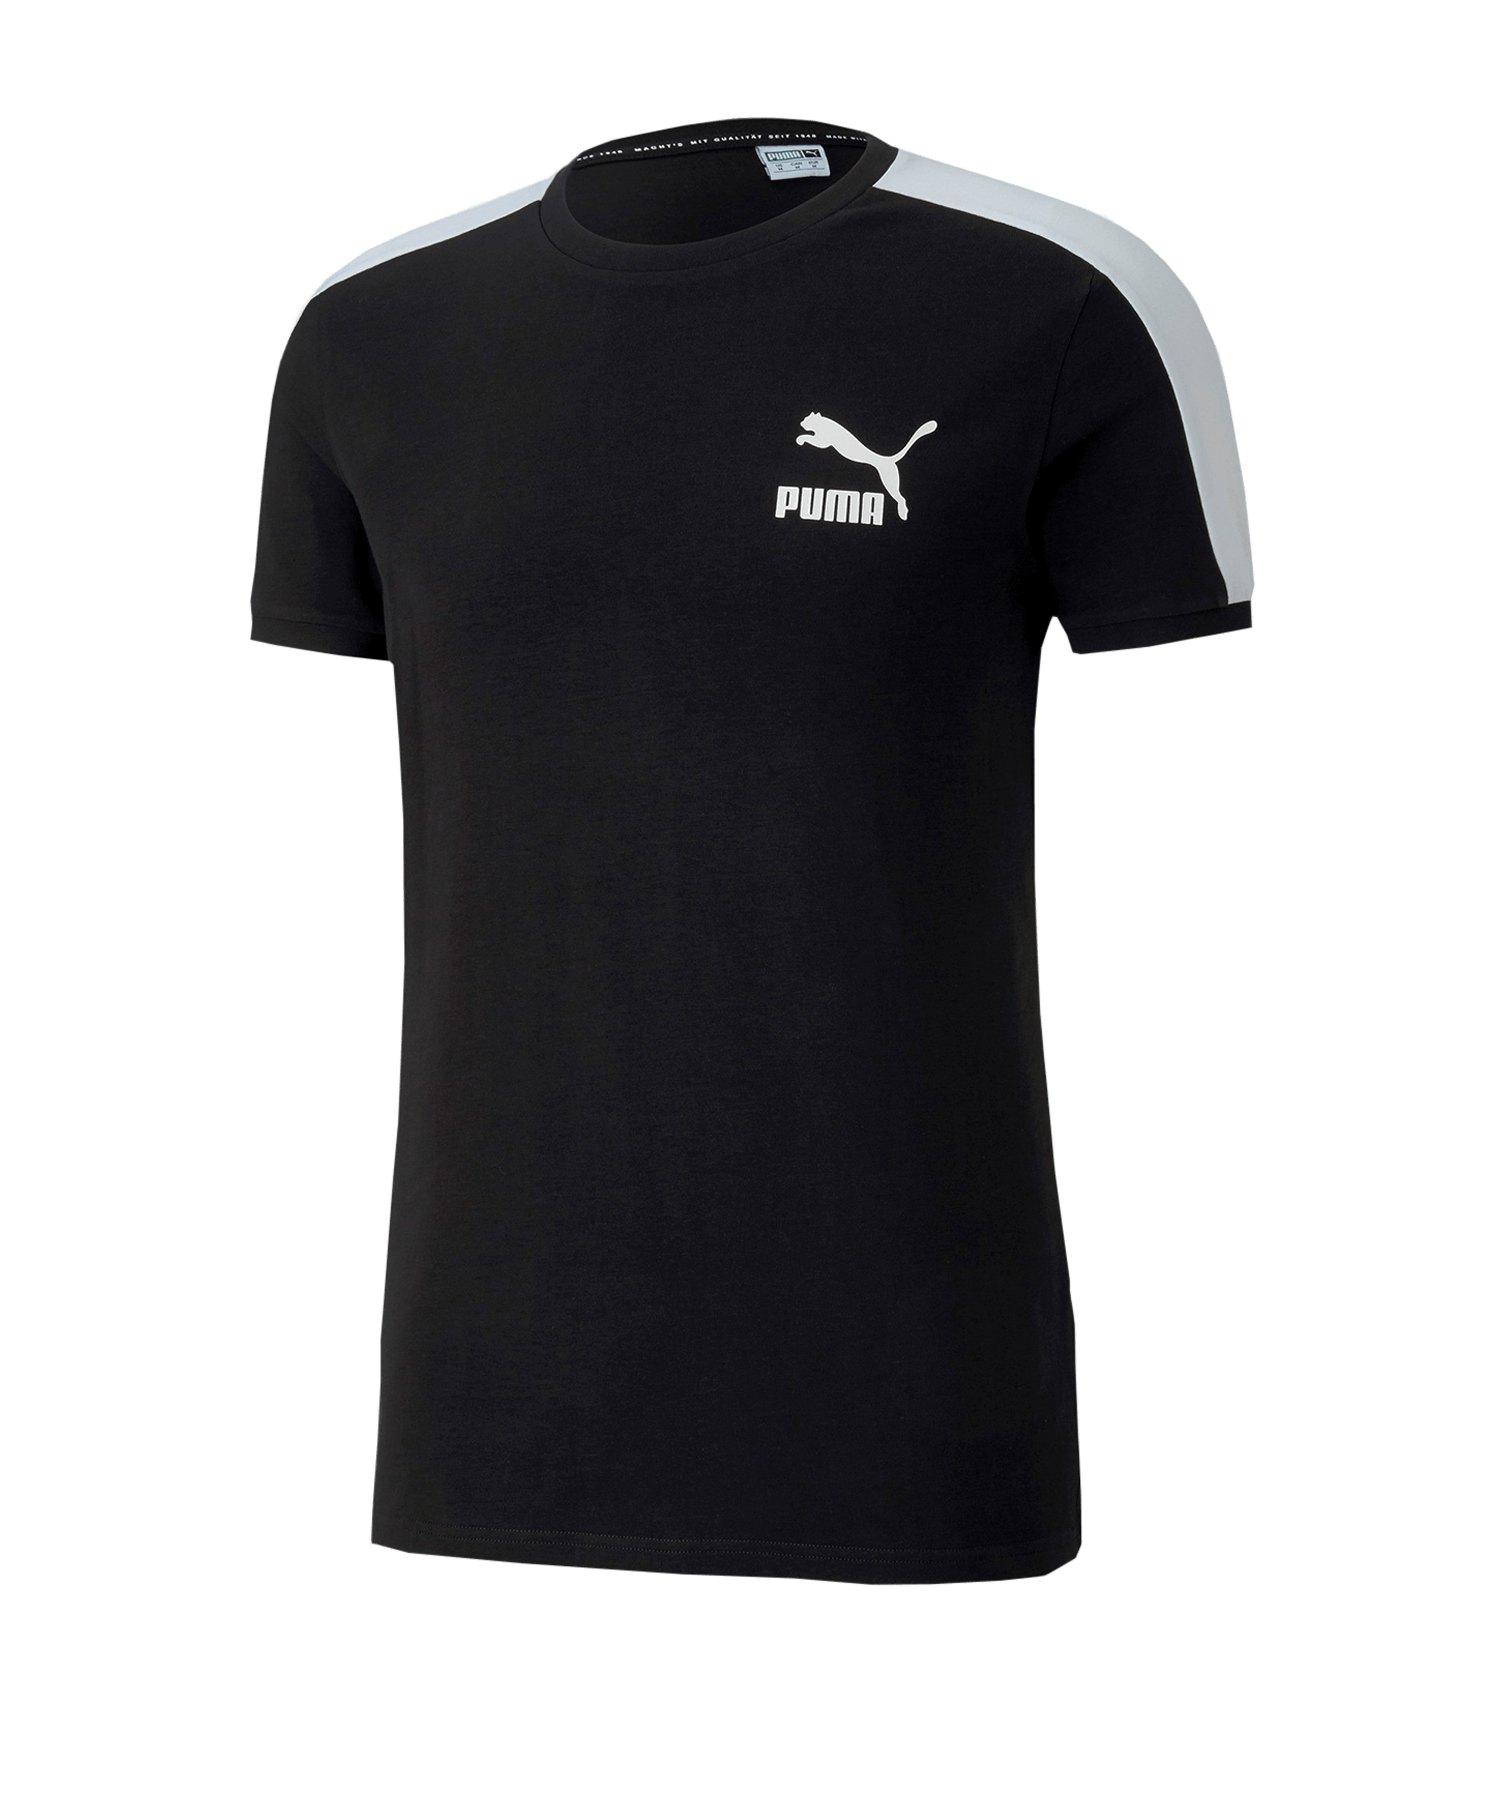 PUMA Iconic T7 Slim Tee T-Shirt Schwarz F01 - schwarz